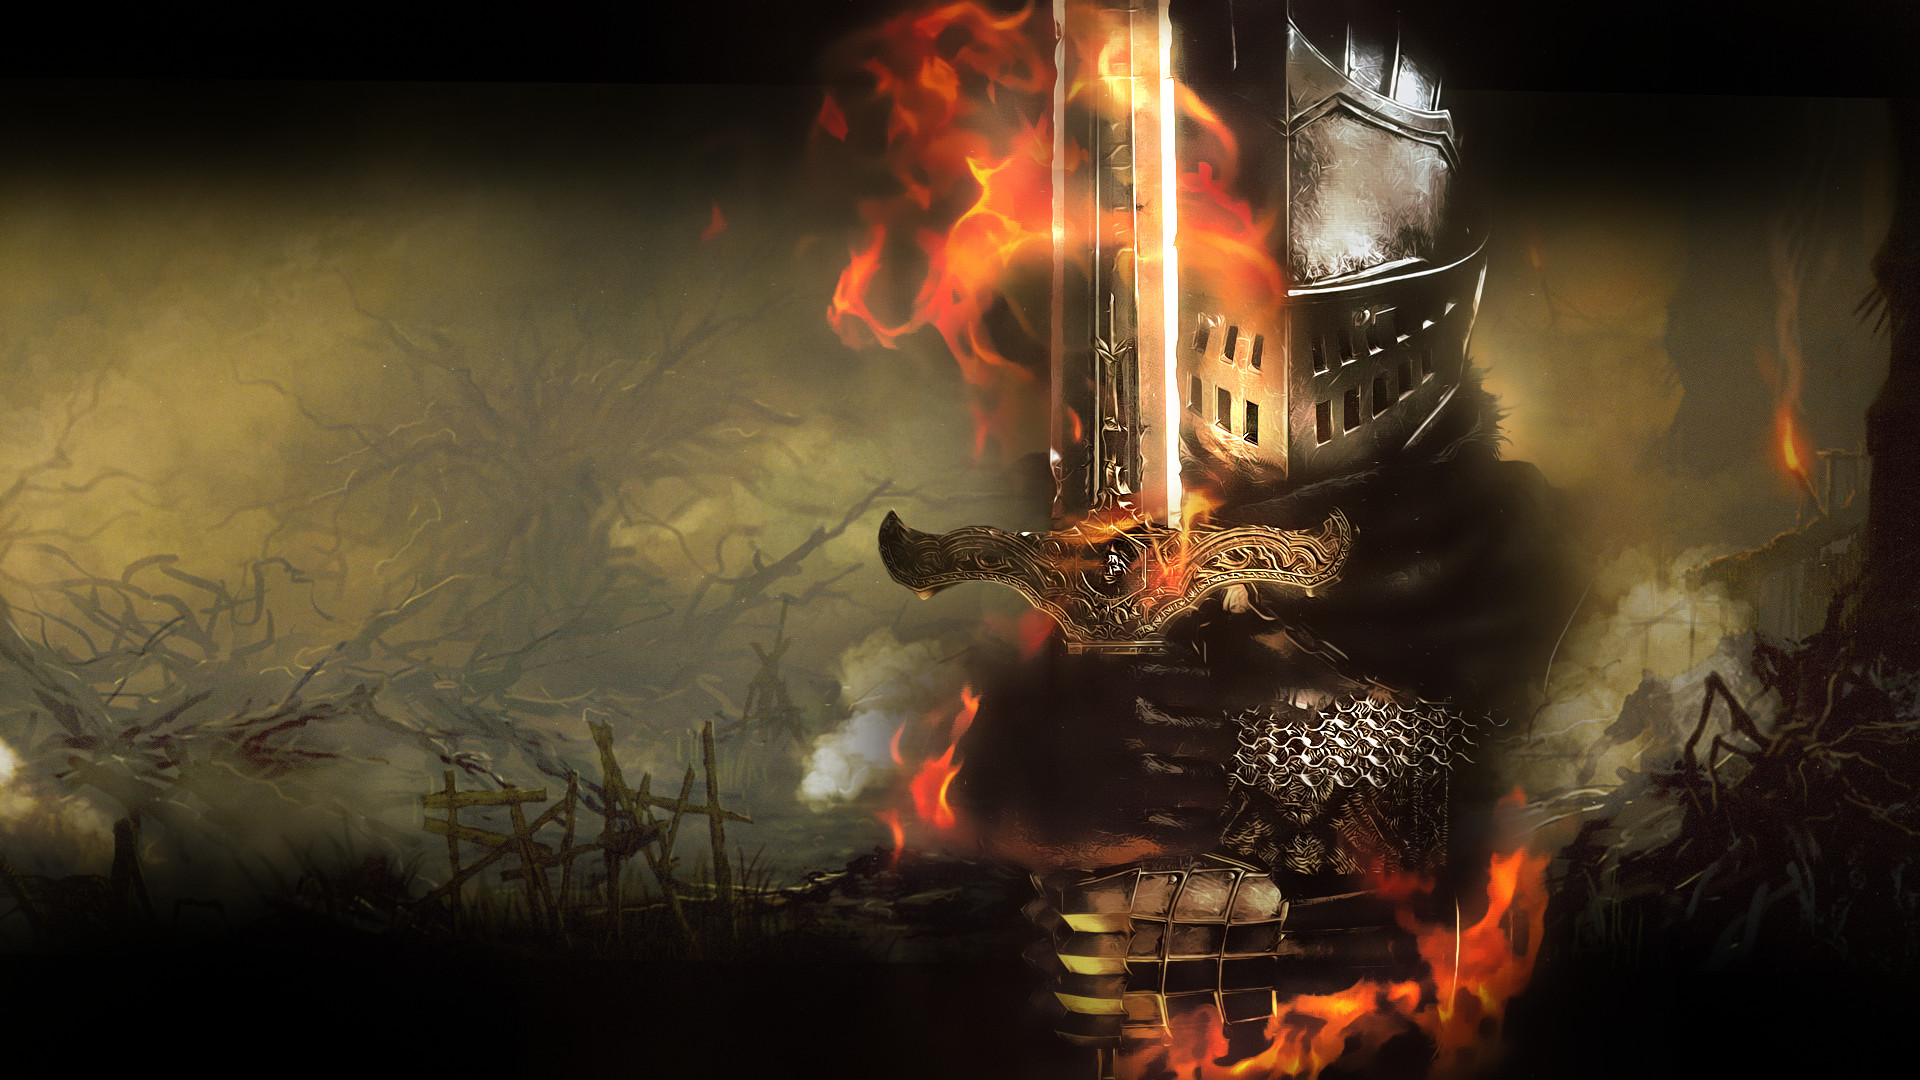 Dark Souls Wallpaper : Find best latest Dark Souls Wallpaper in HD for your  PC desktop